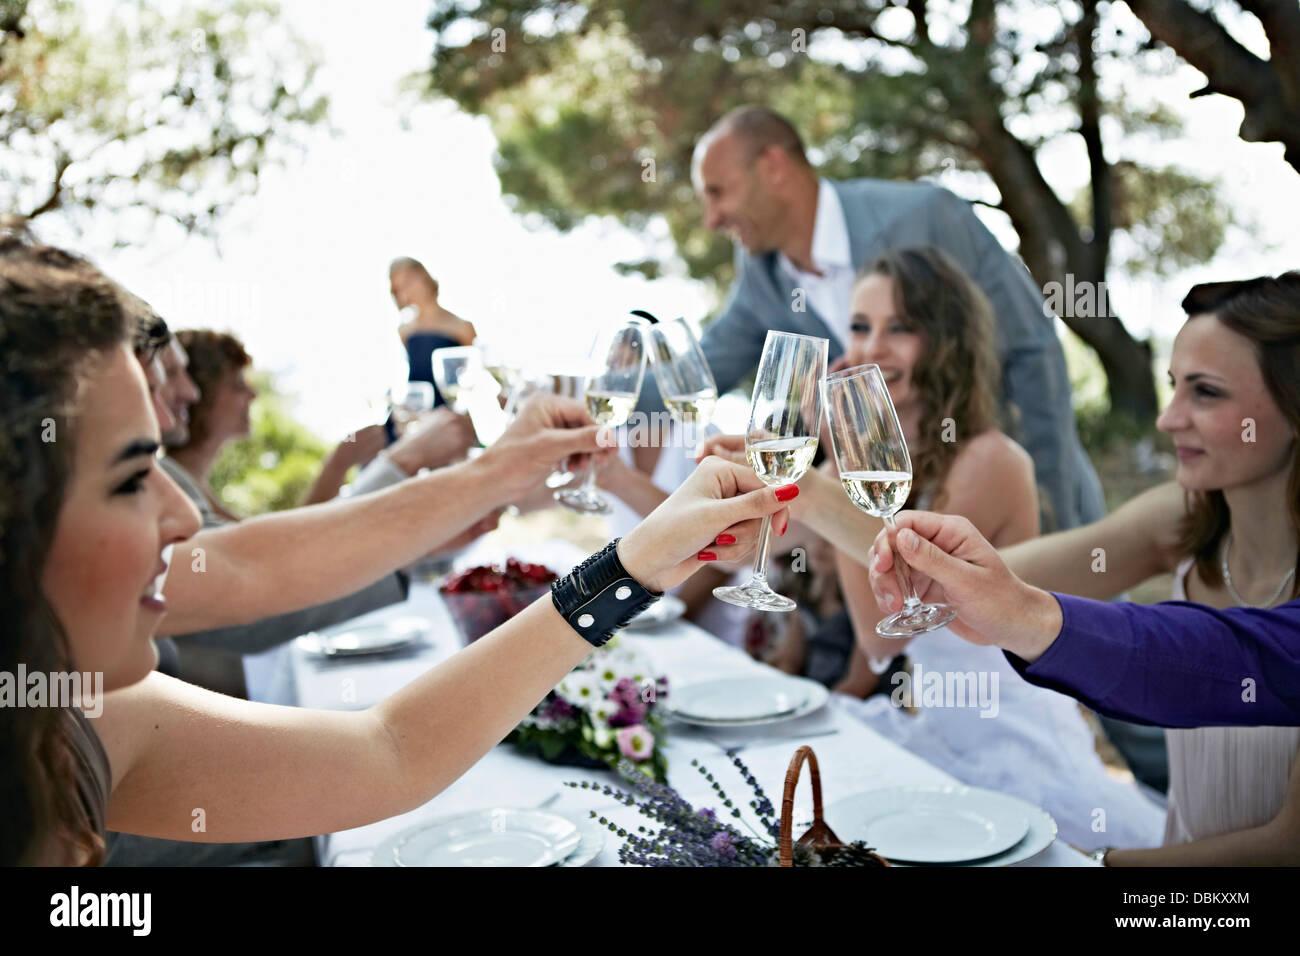 Celebración de Bodas al aire libre, Croacia, Europa Imagen De Stock